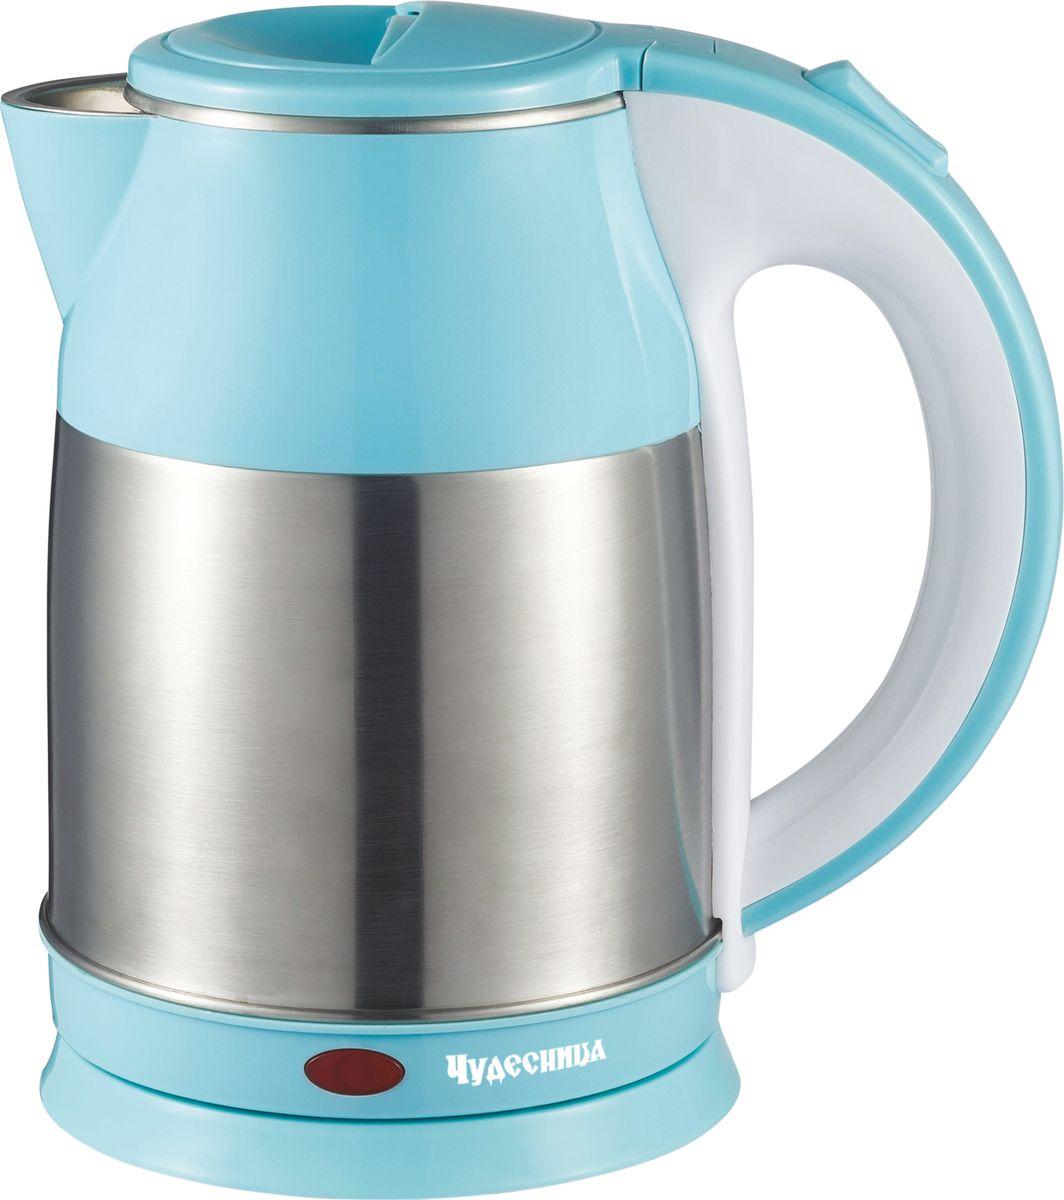 Чудесница ЭЧ-2013, Blue чайник электрический